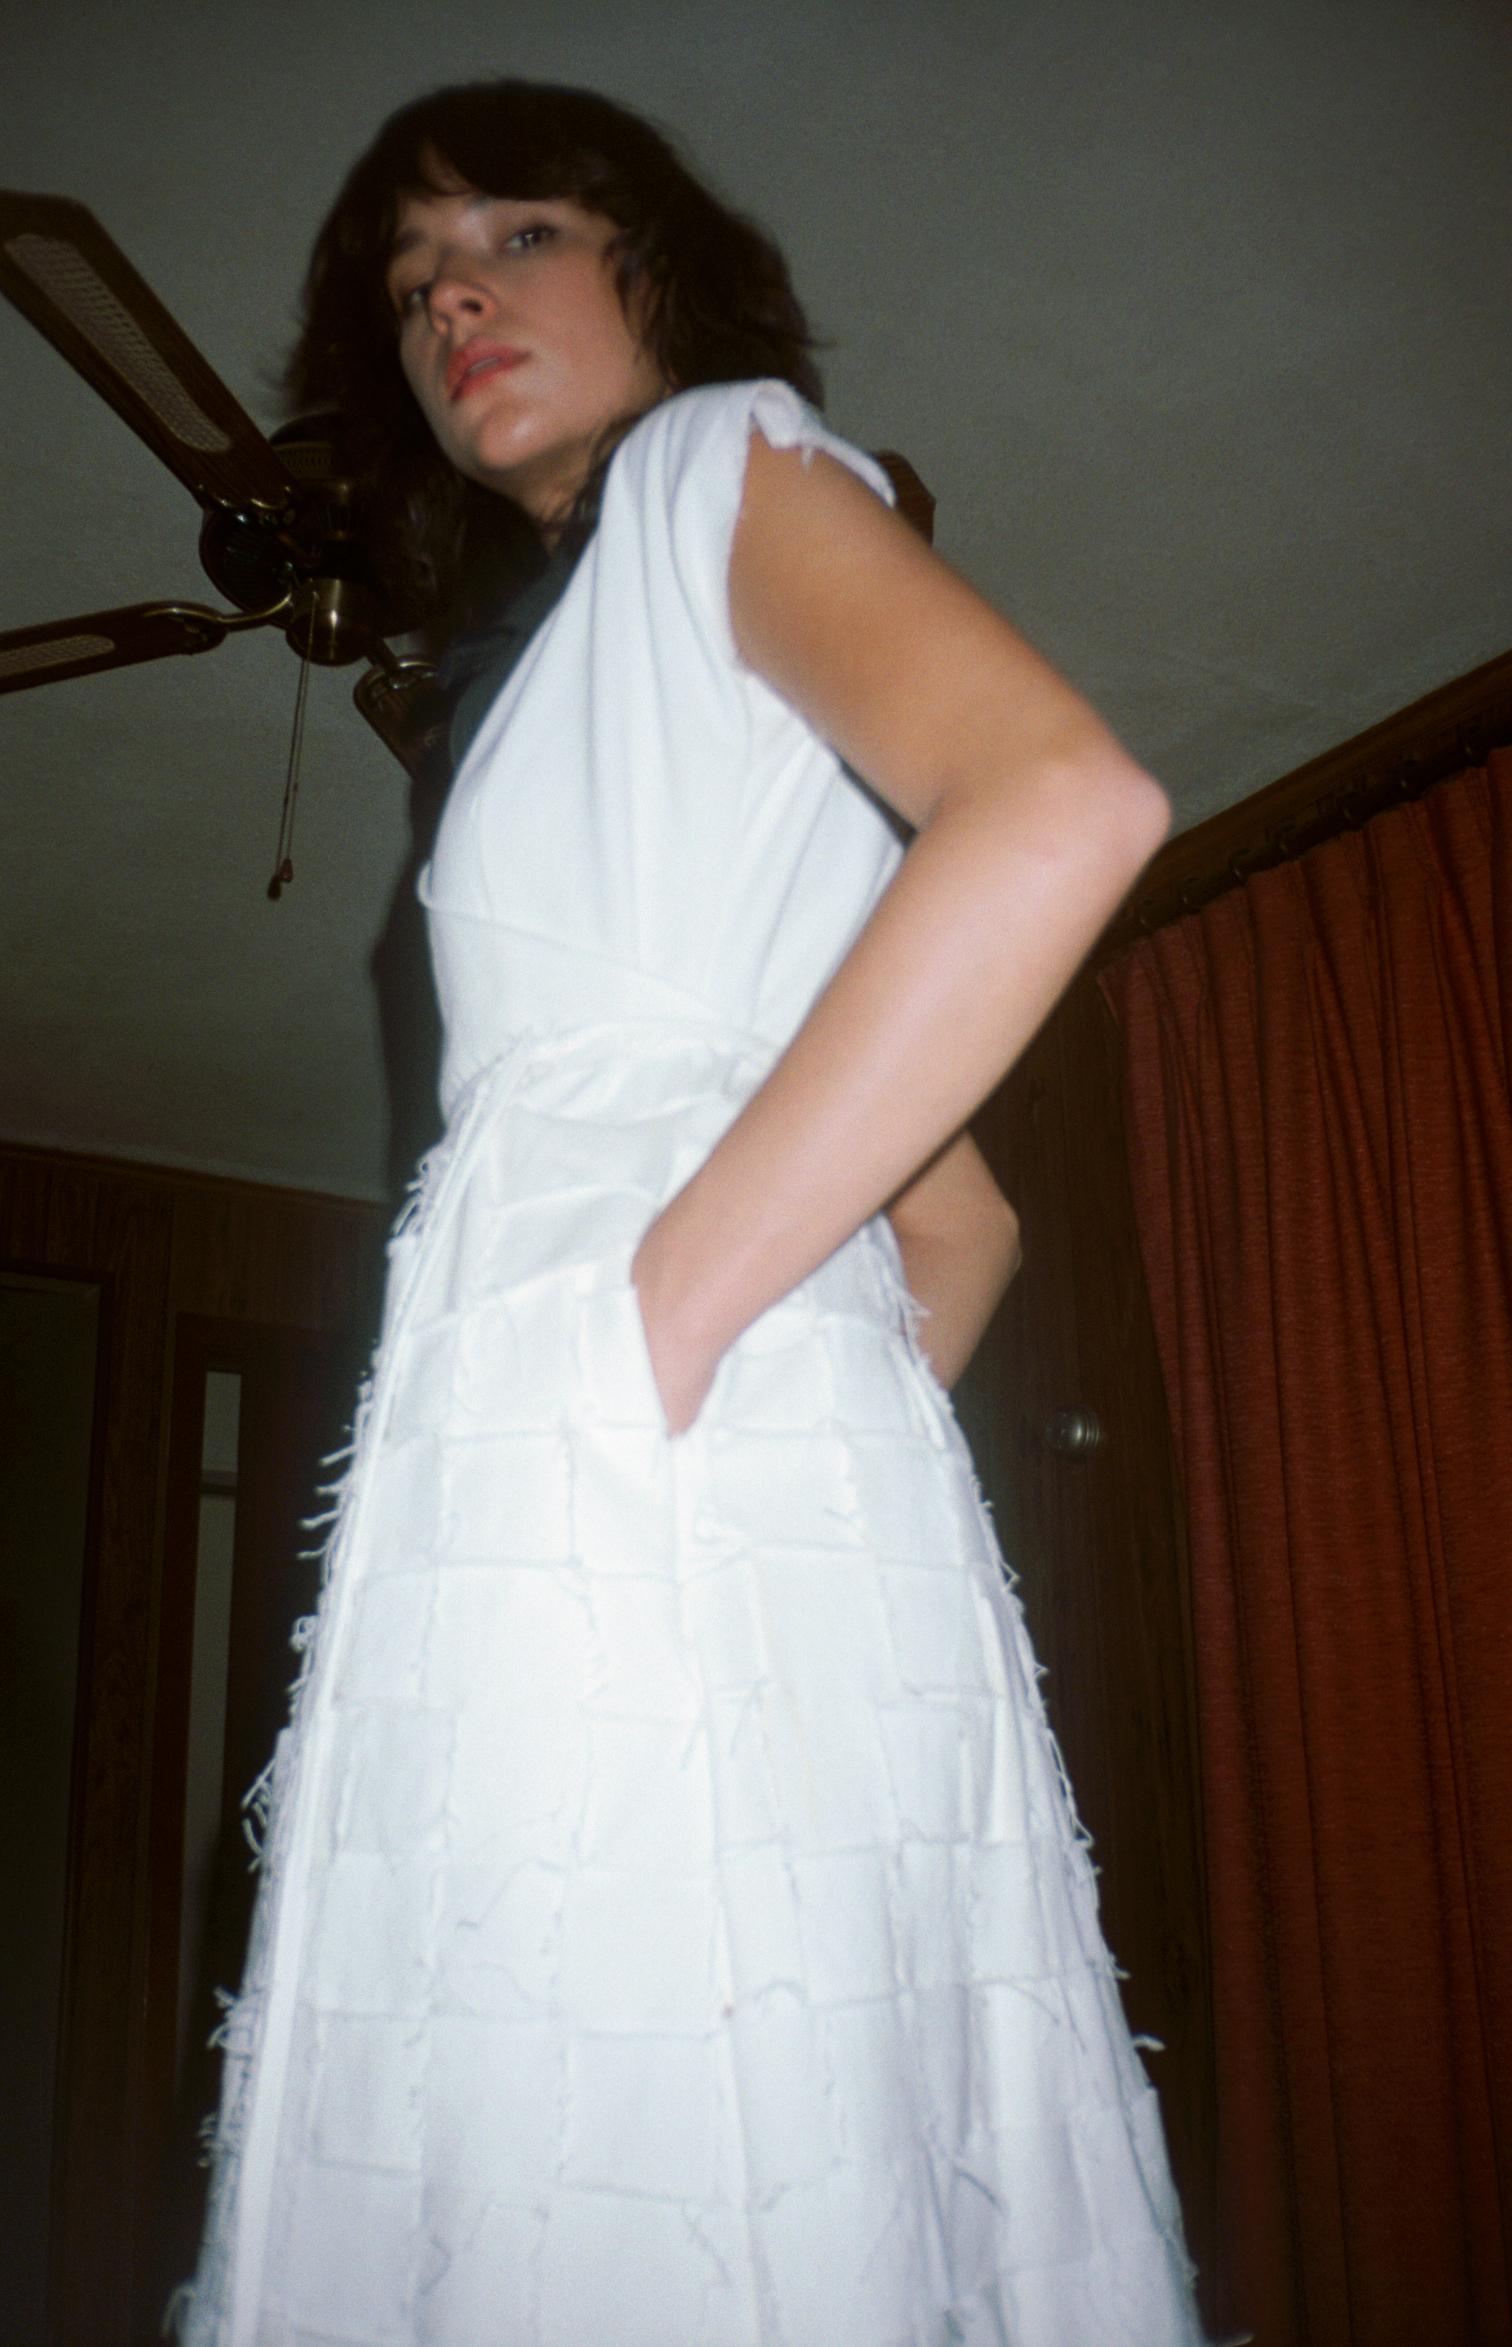 film woven denim dress.jpg